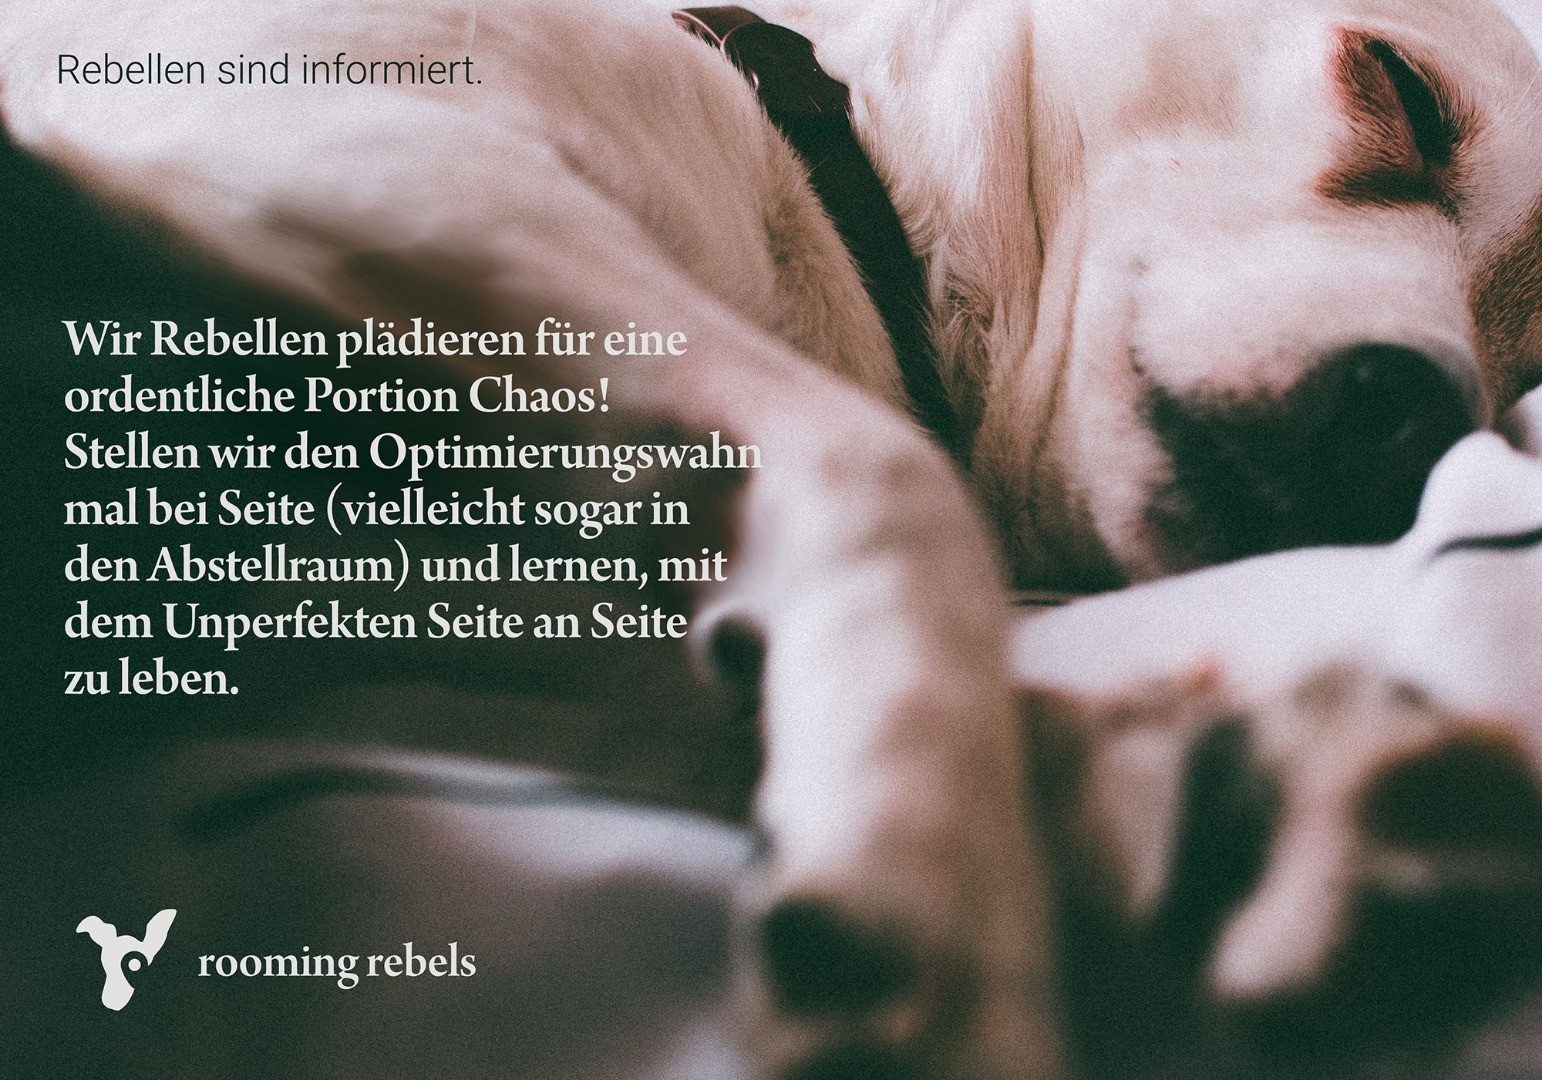 rebellen-sind-informiert_lebst-du-schon_b_2019_2000_.jpg